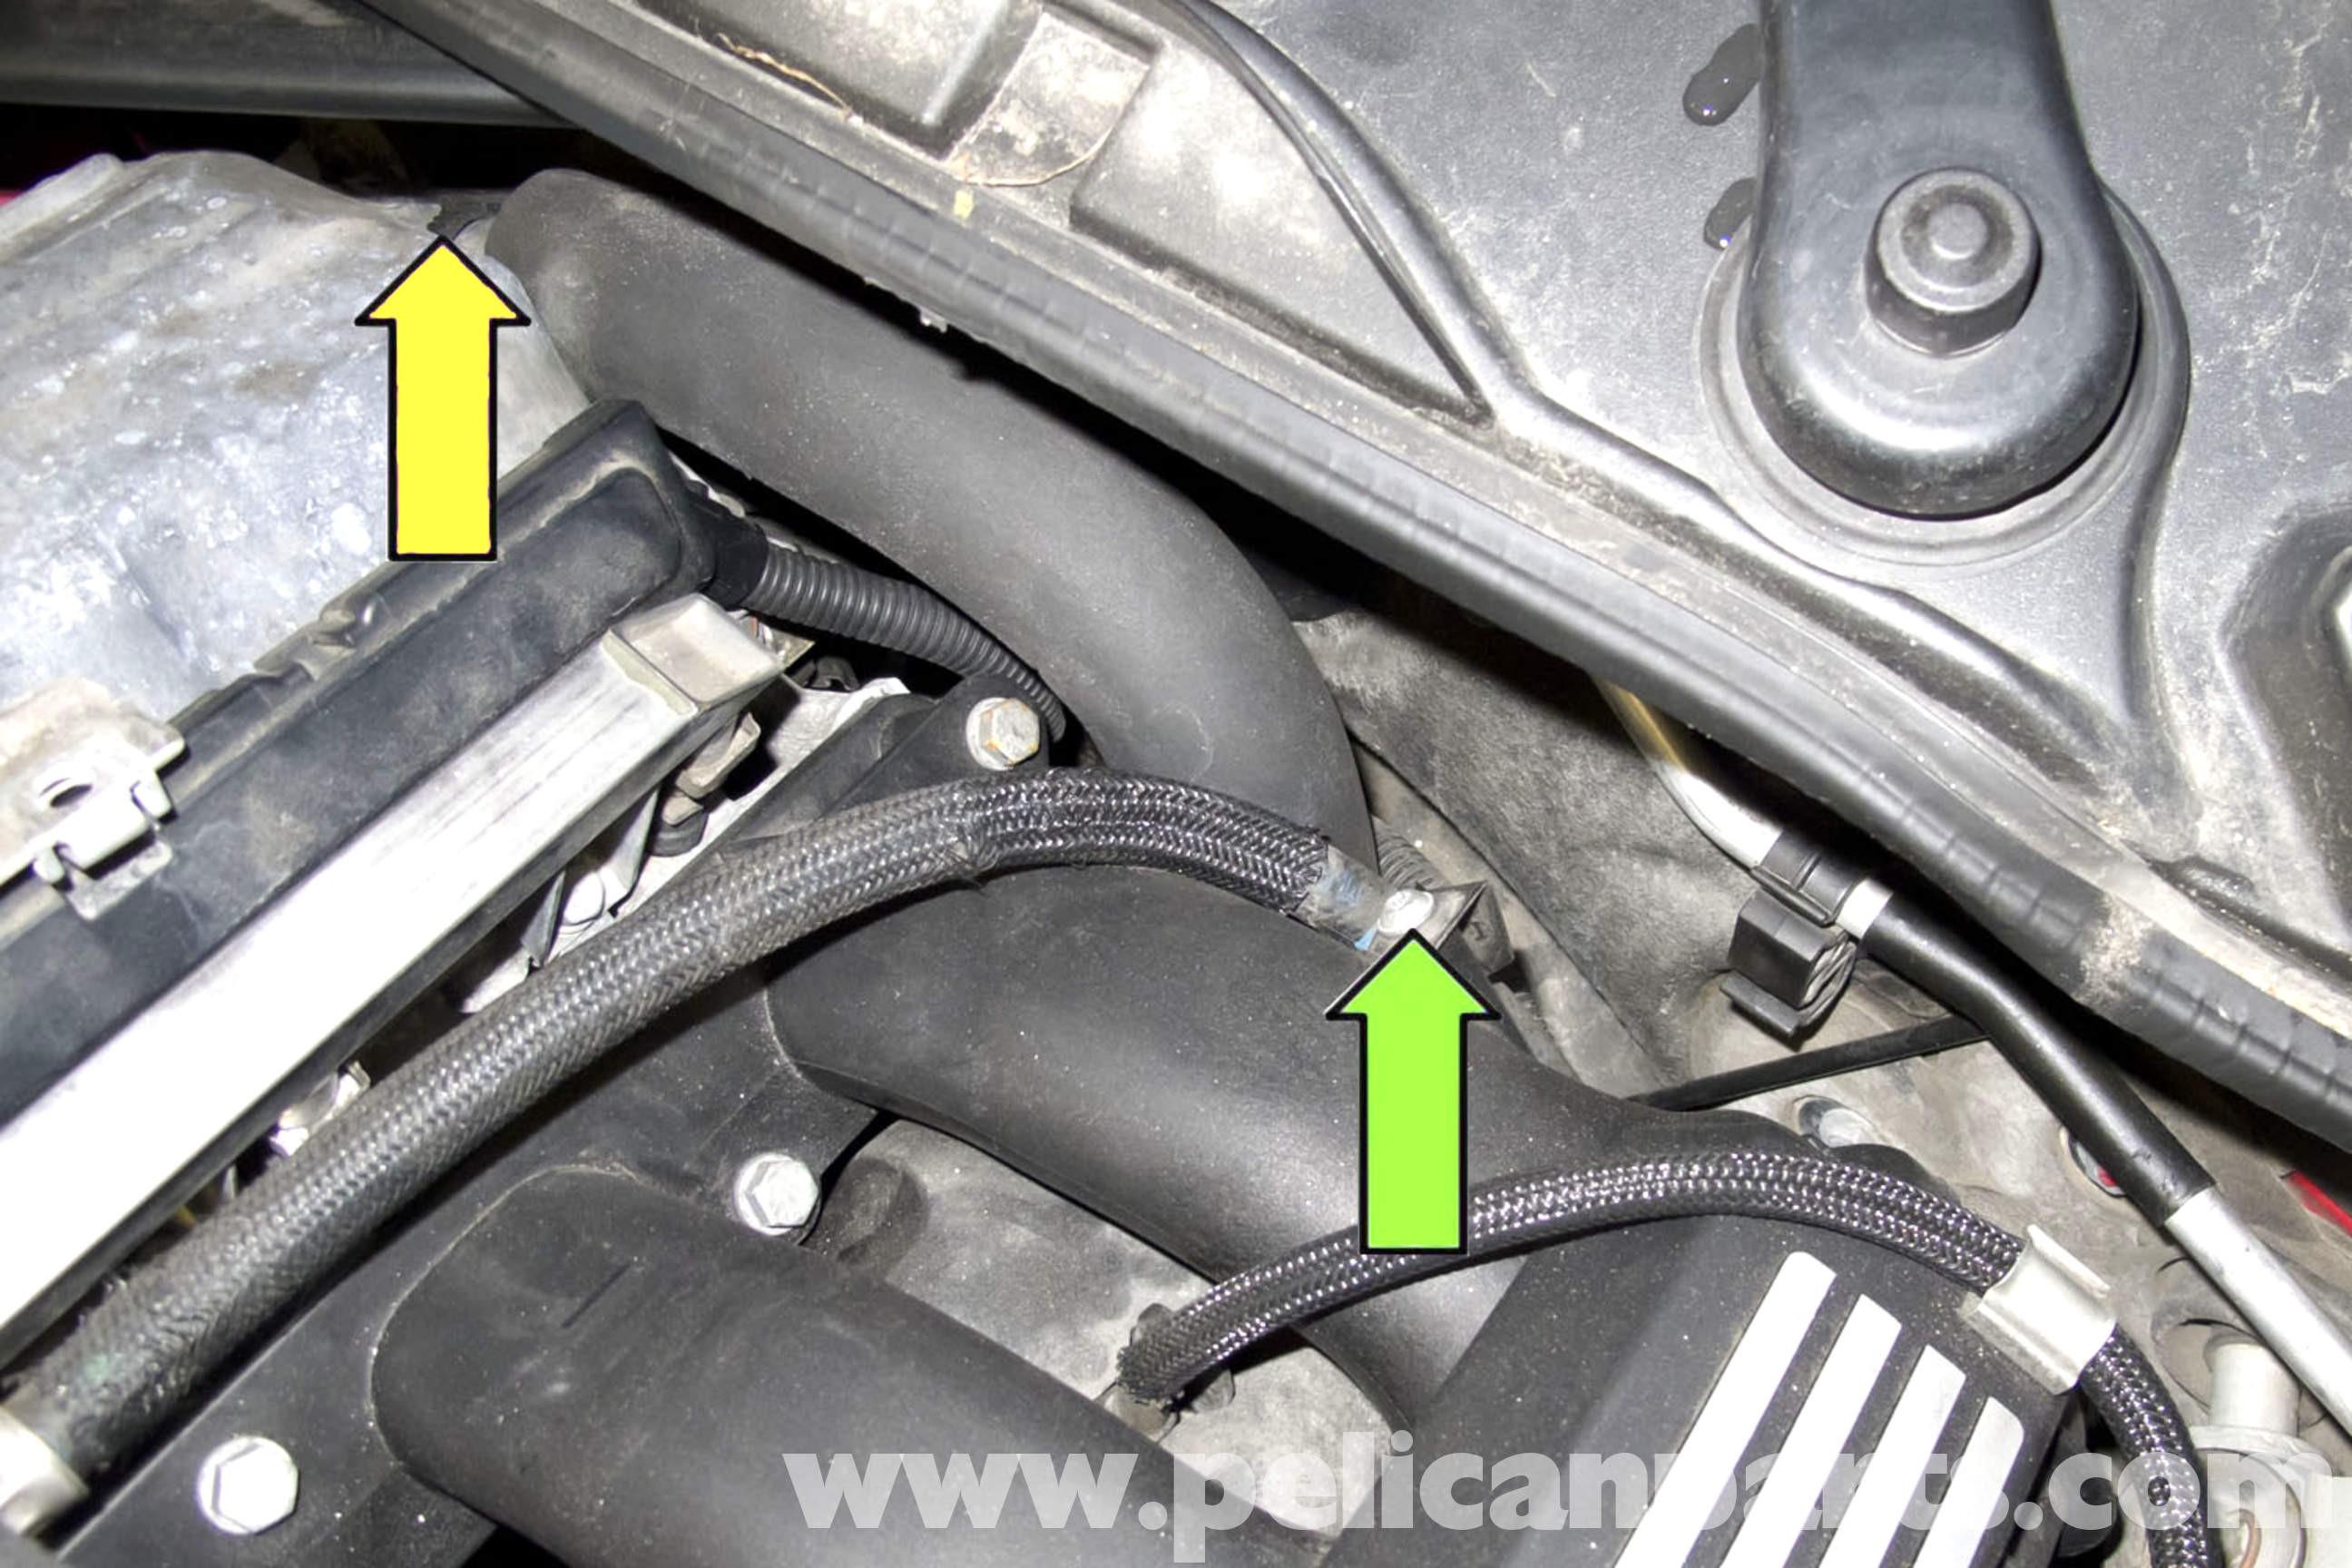 bmw 328i engine diagram cyl 3 location electrical work wiring rh aglabs co 97 bmw 328i engine diagram 97 BMW 528I Engine